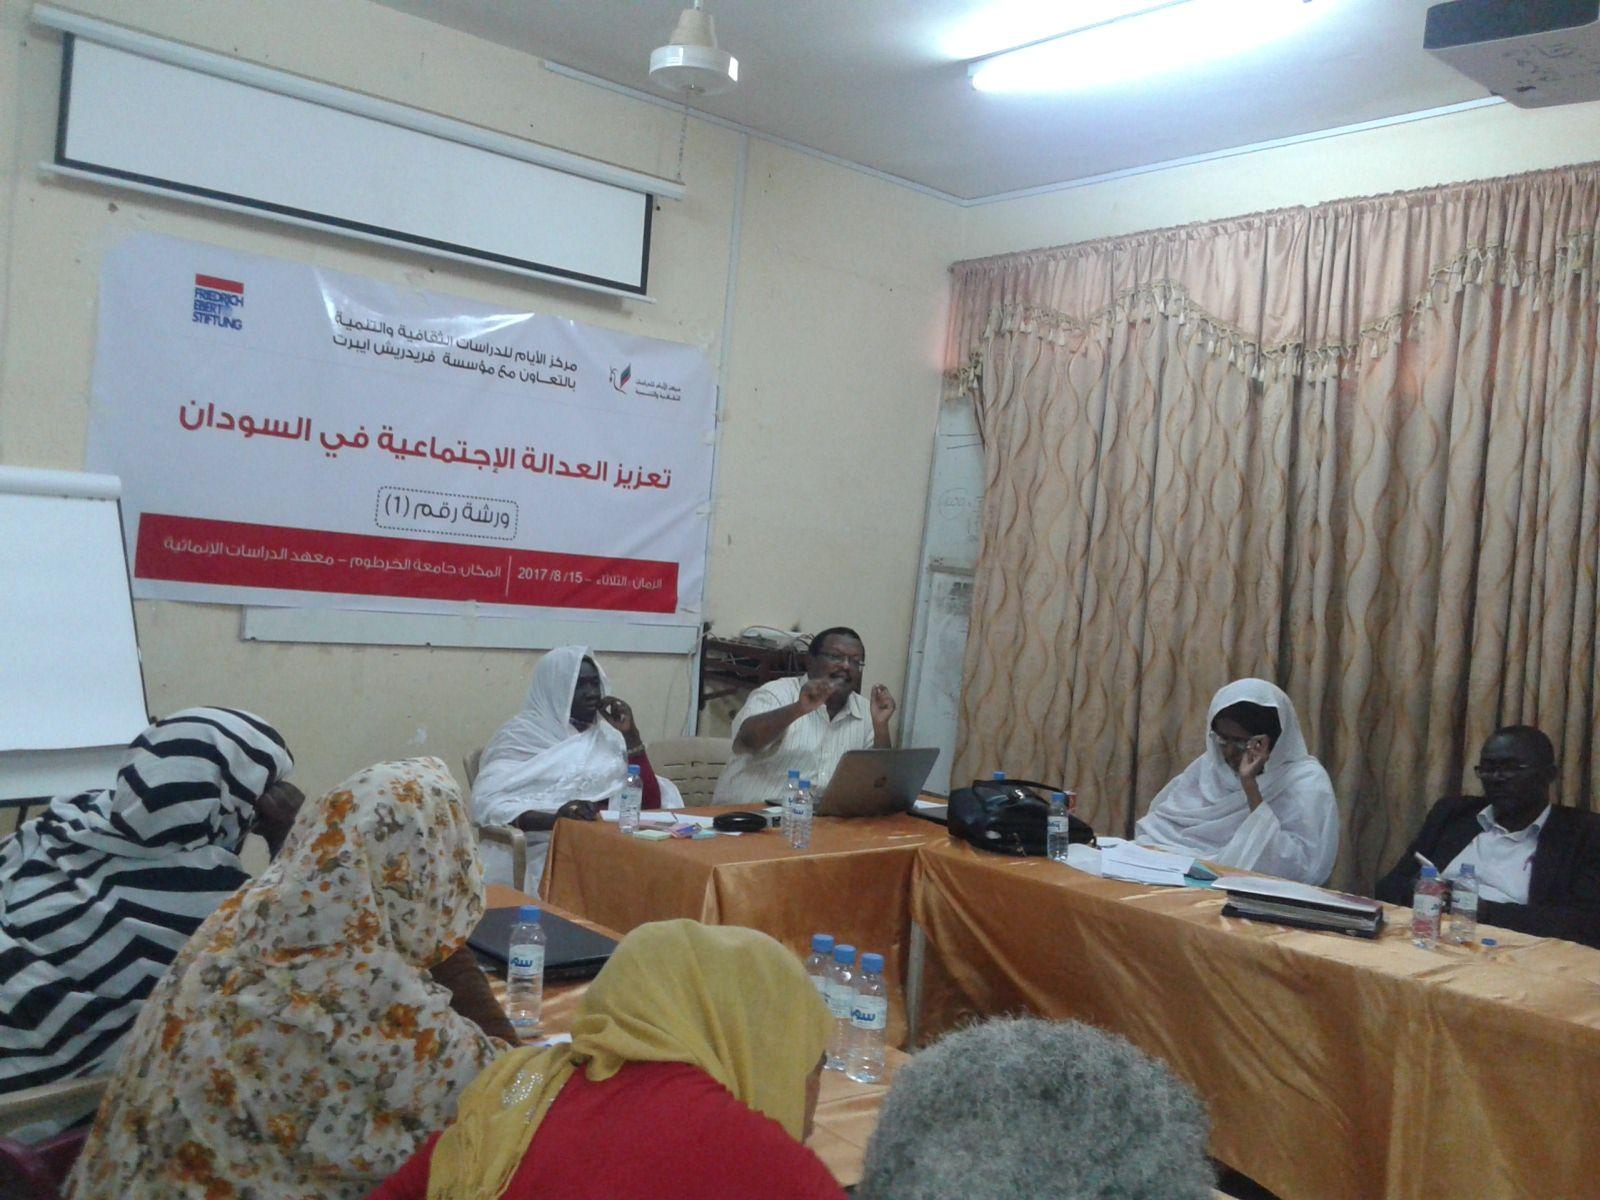 في ورشة تعزيز العدالة الاجتماعية في السودان 1-2:محجوب: العدالة الاجتماعية أساس مشاكل السودان